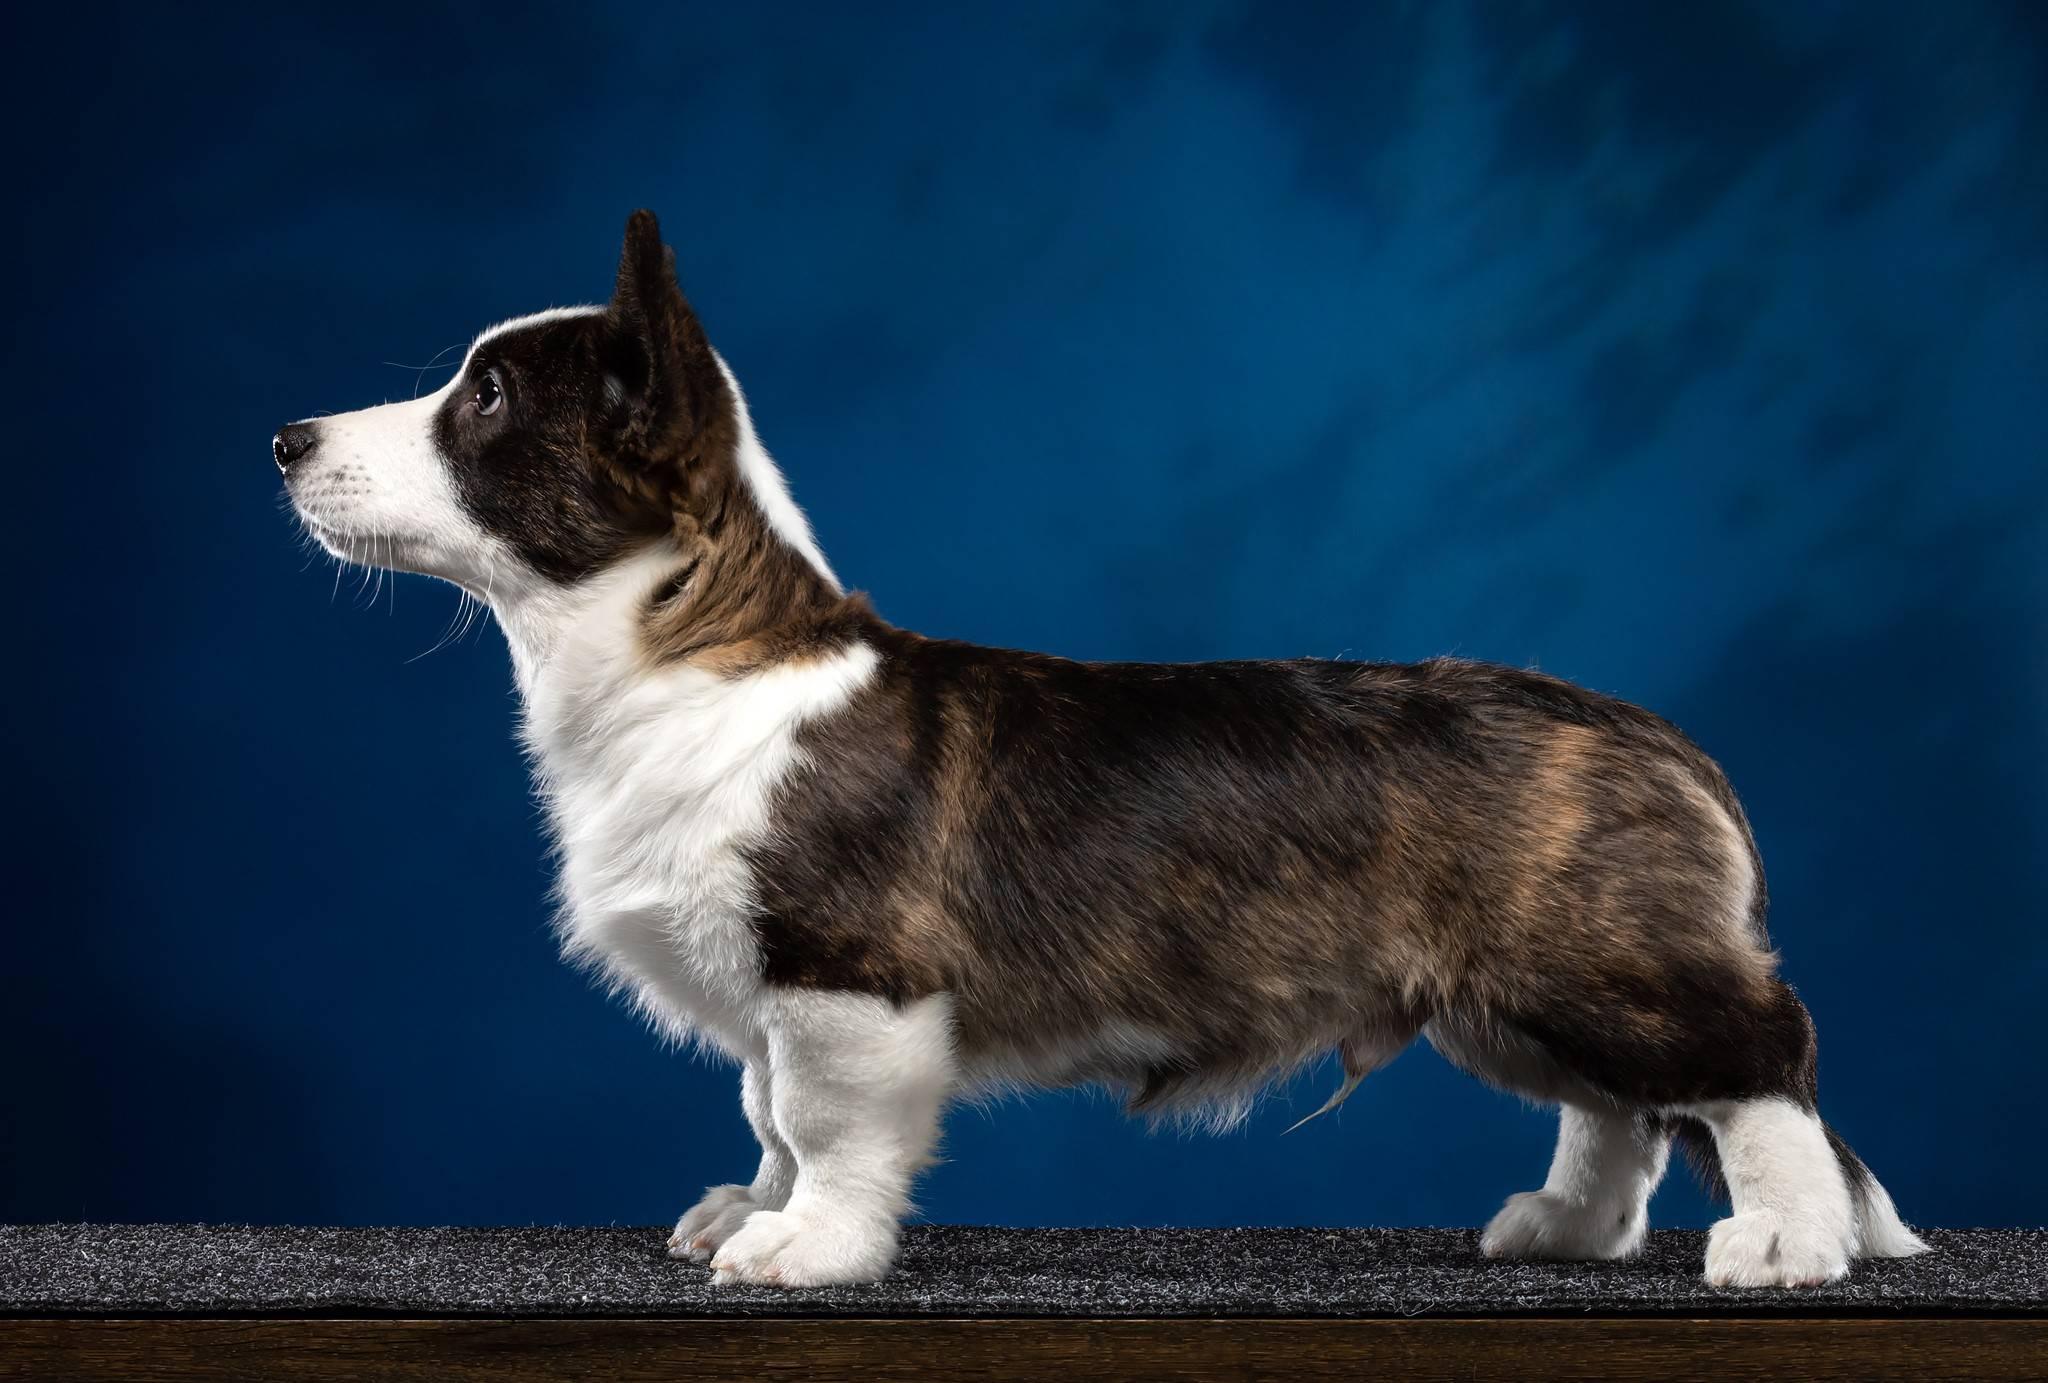 Вельш-корги кардиган – описание и стандарты популярной породы собак